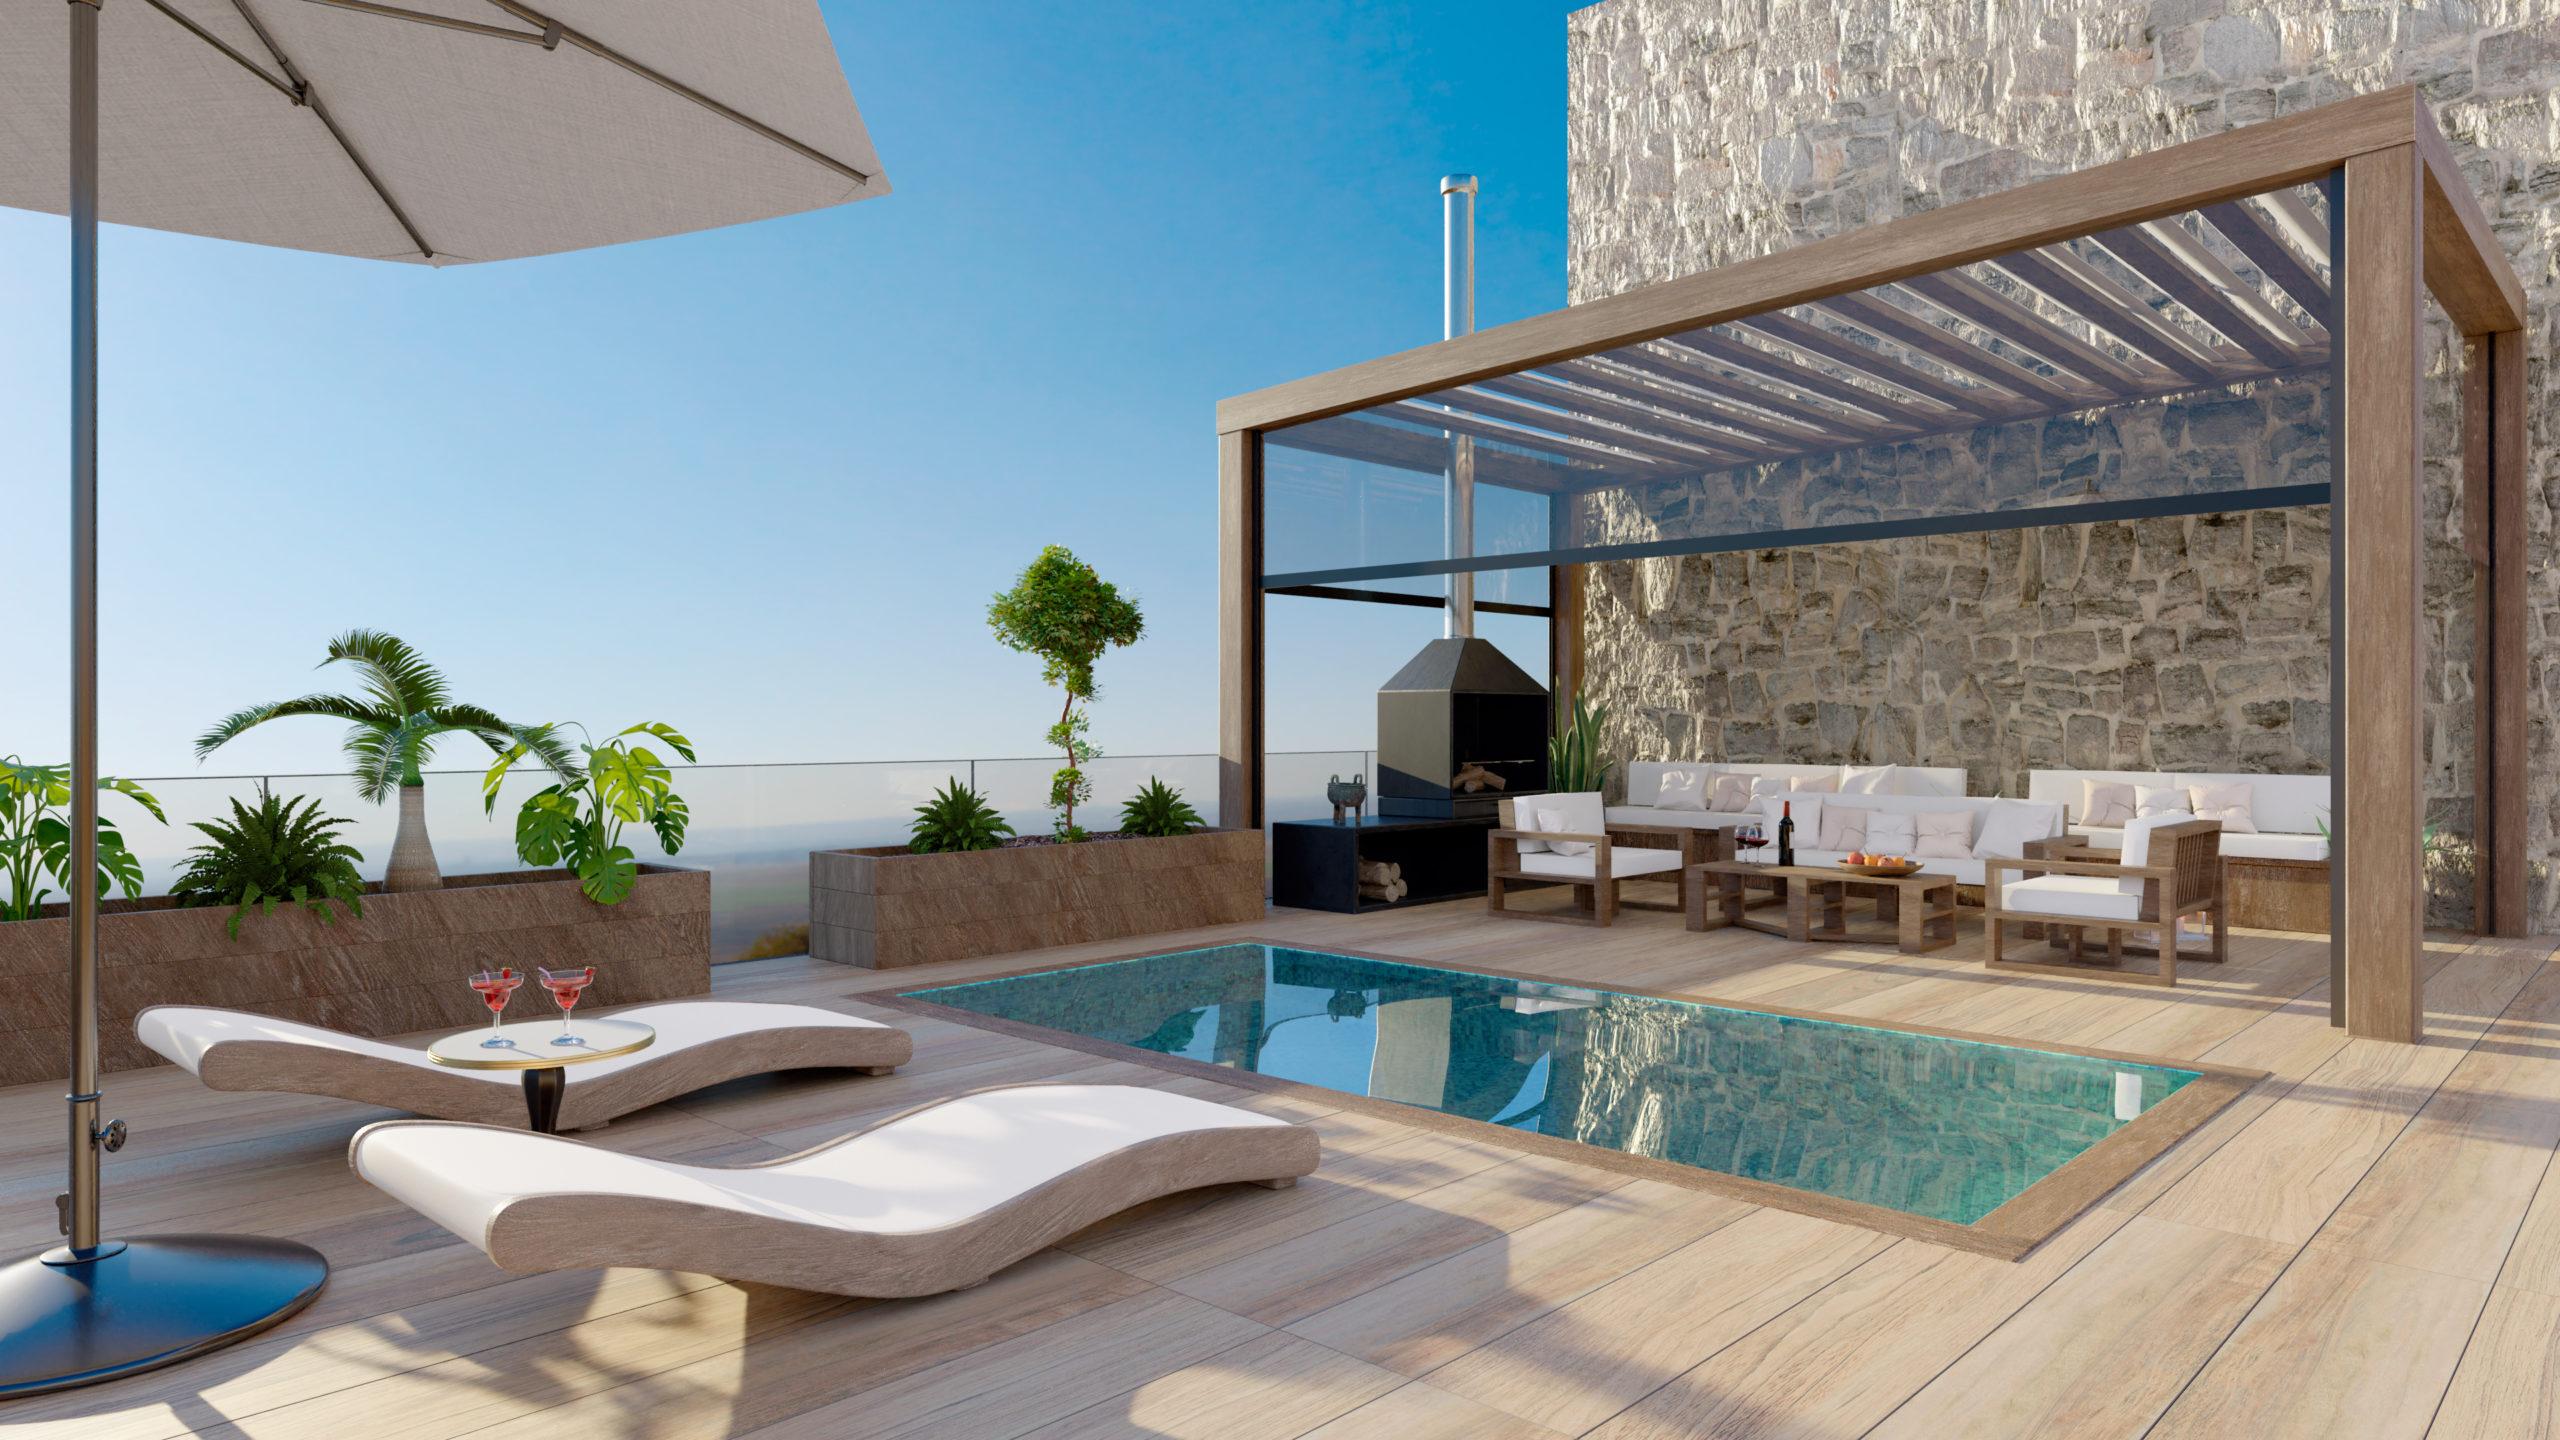 Une terrasse avec piscine et pergola